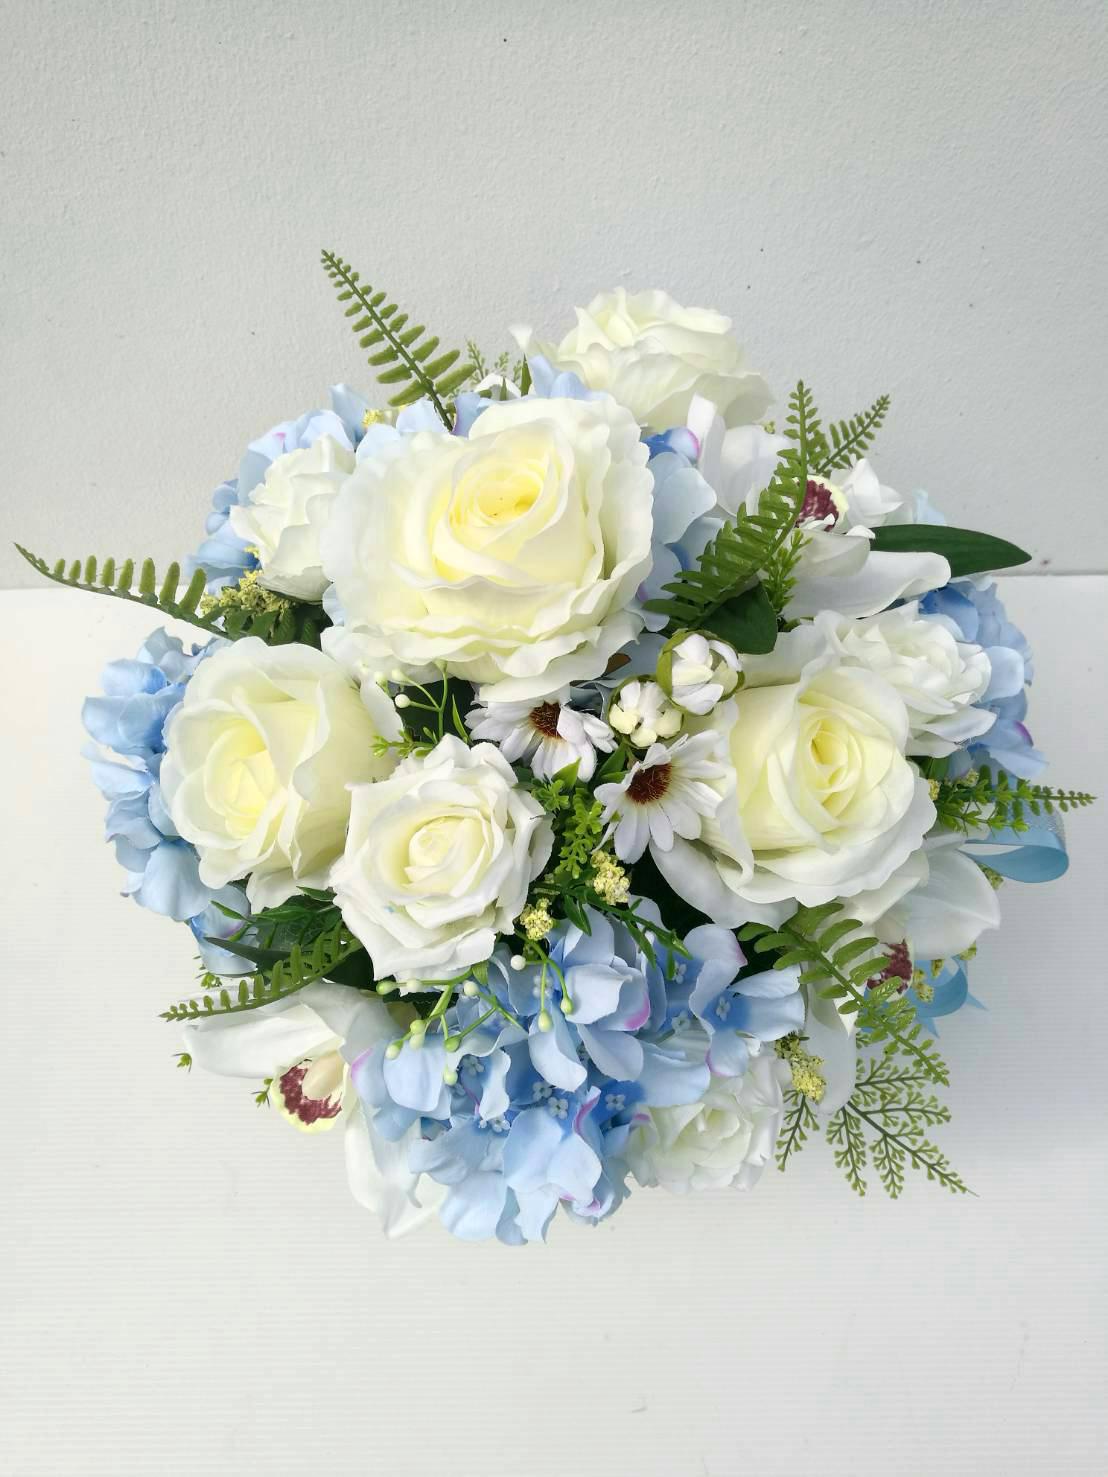 แจกันดอกไม้ประดิษฐ์ทรงกลมโทนฟ้า-ขาว รหัส 3092